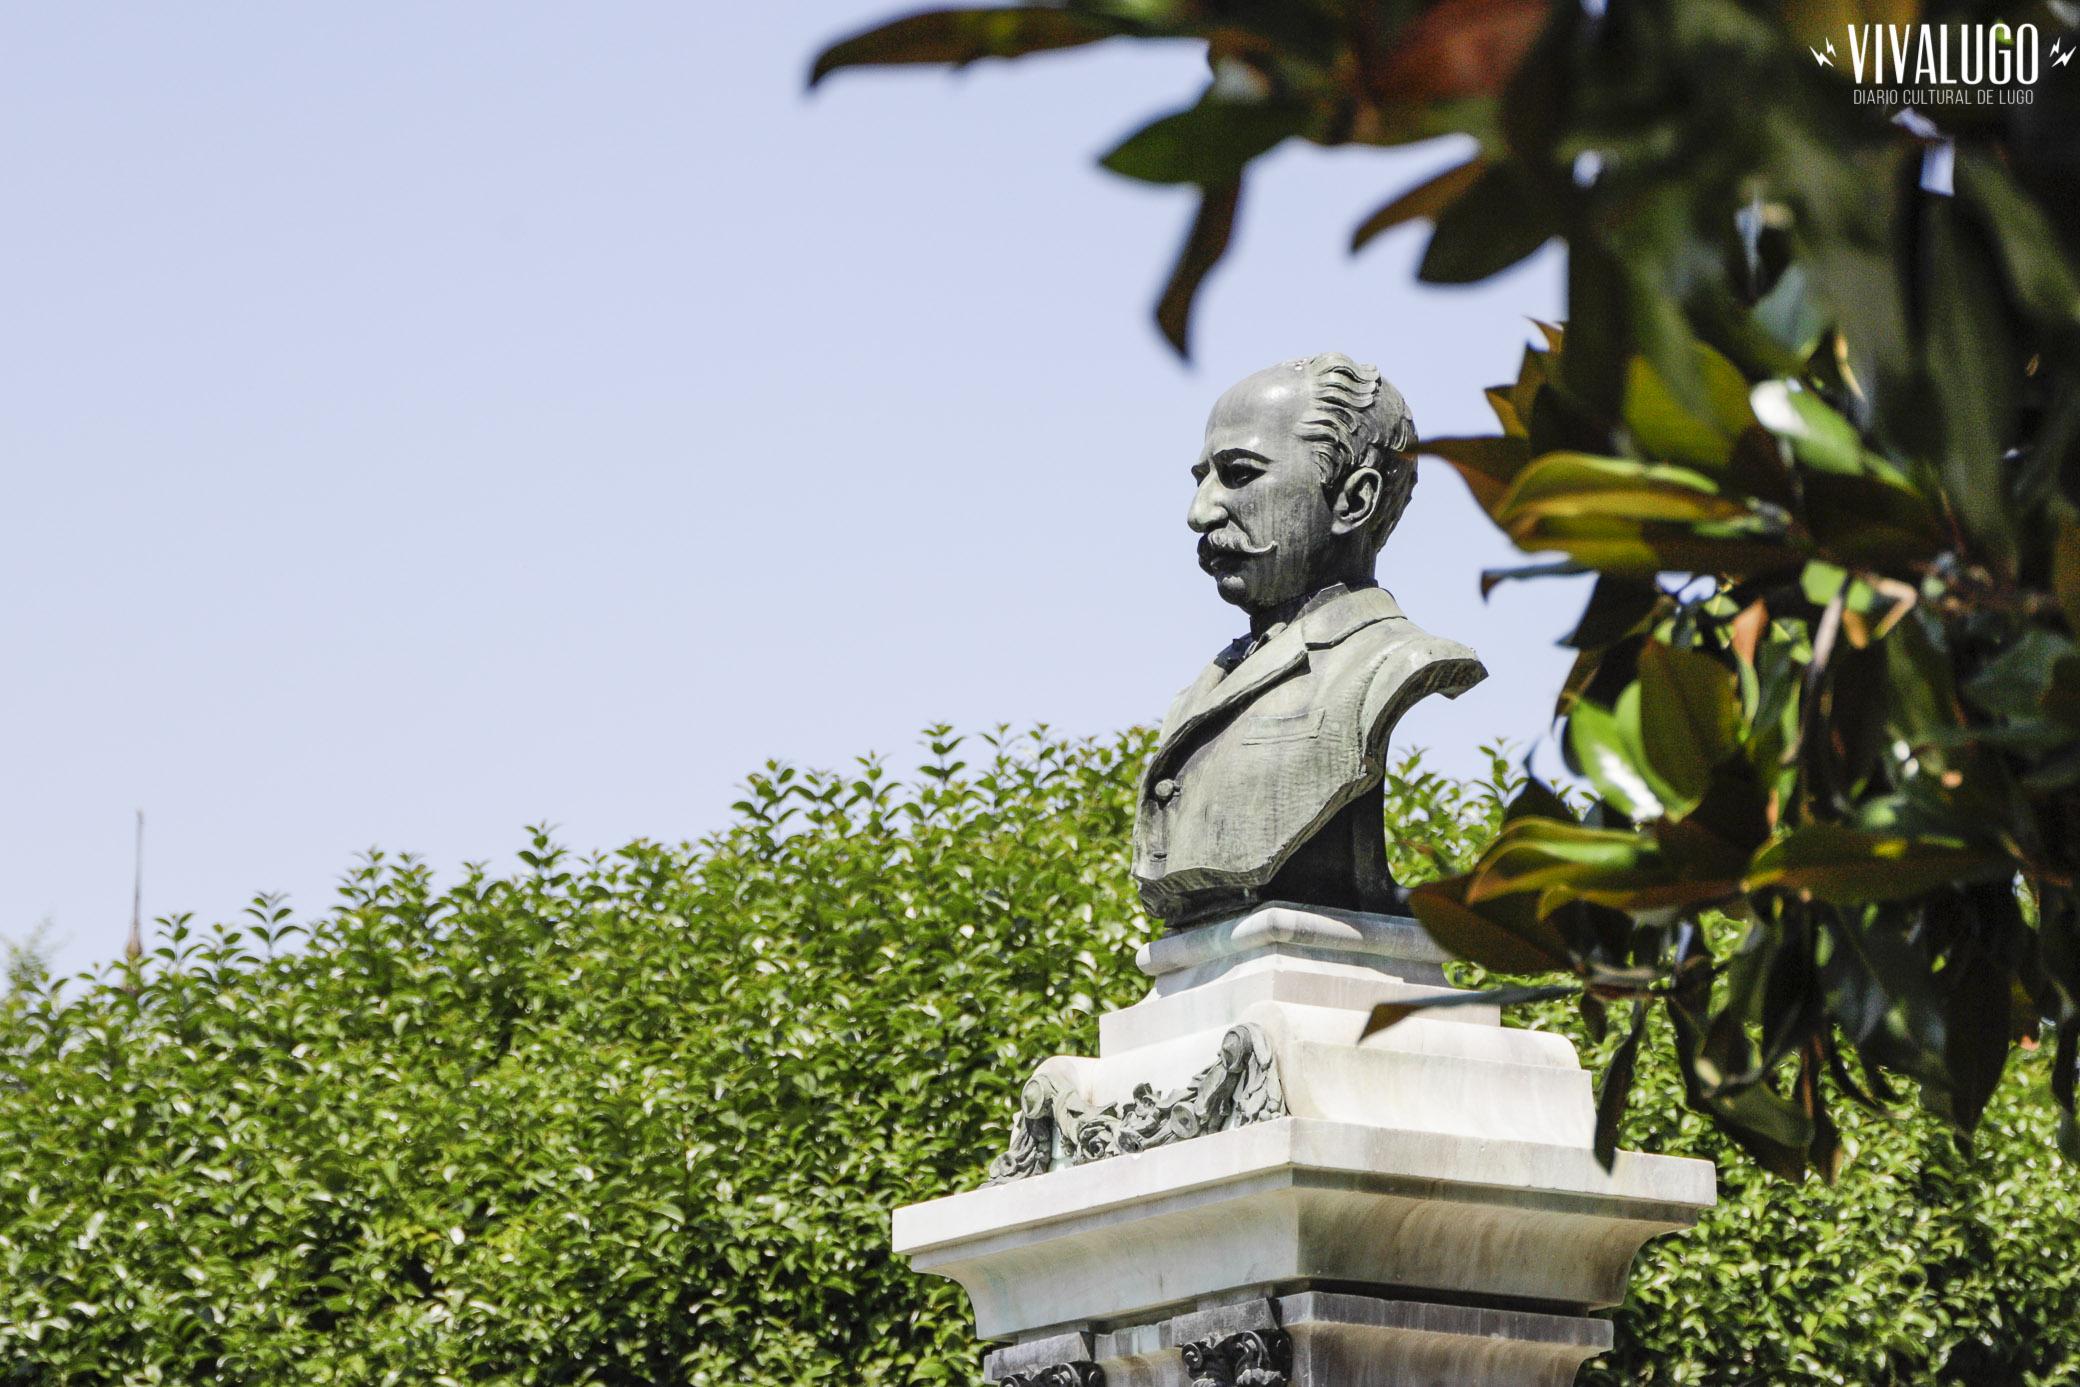 Foto de Loopez para Viva Lugo acto de apertura ao público do busto de Xoán Montes